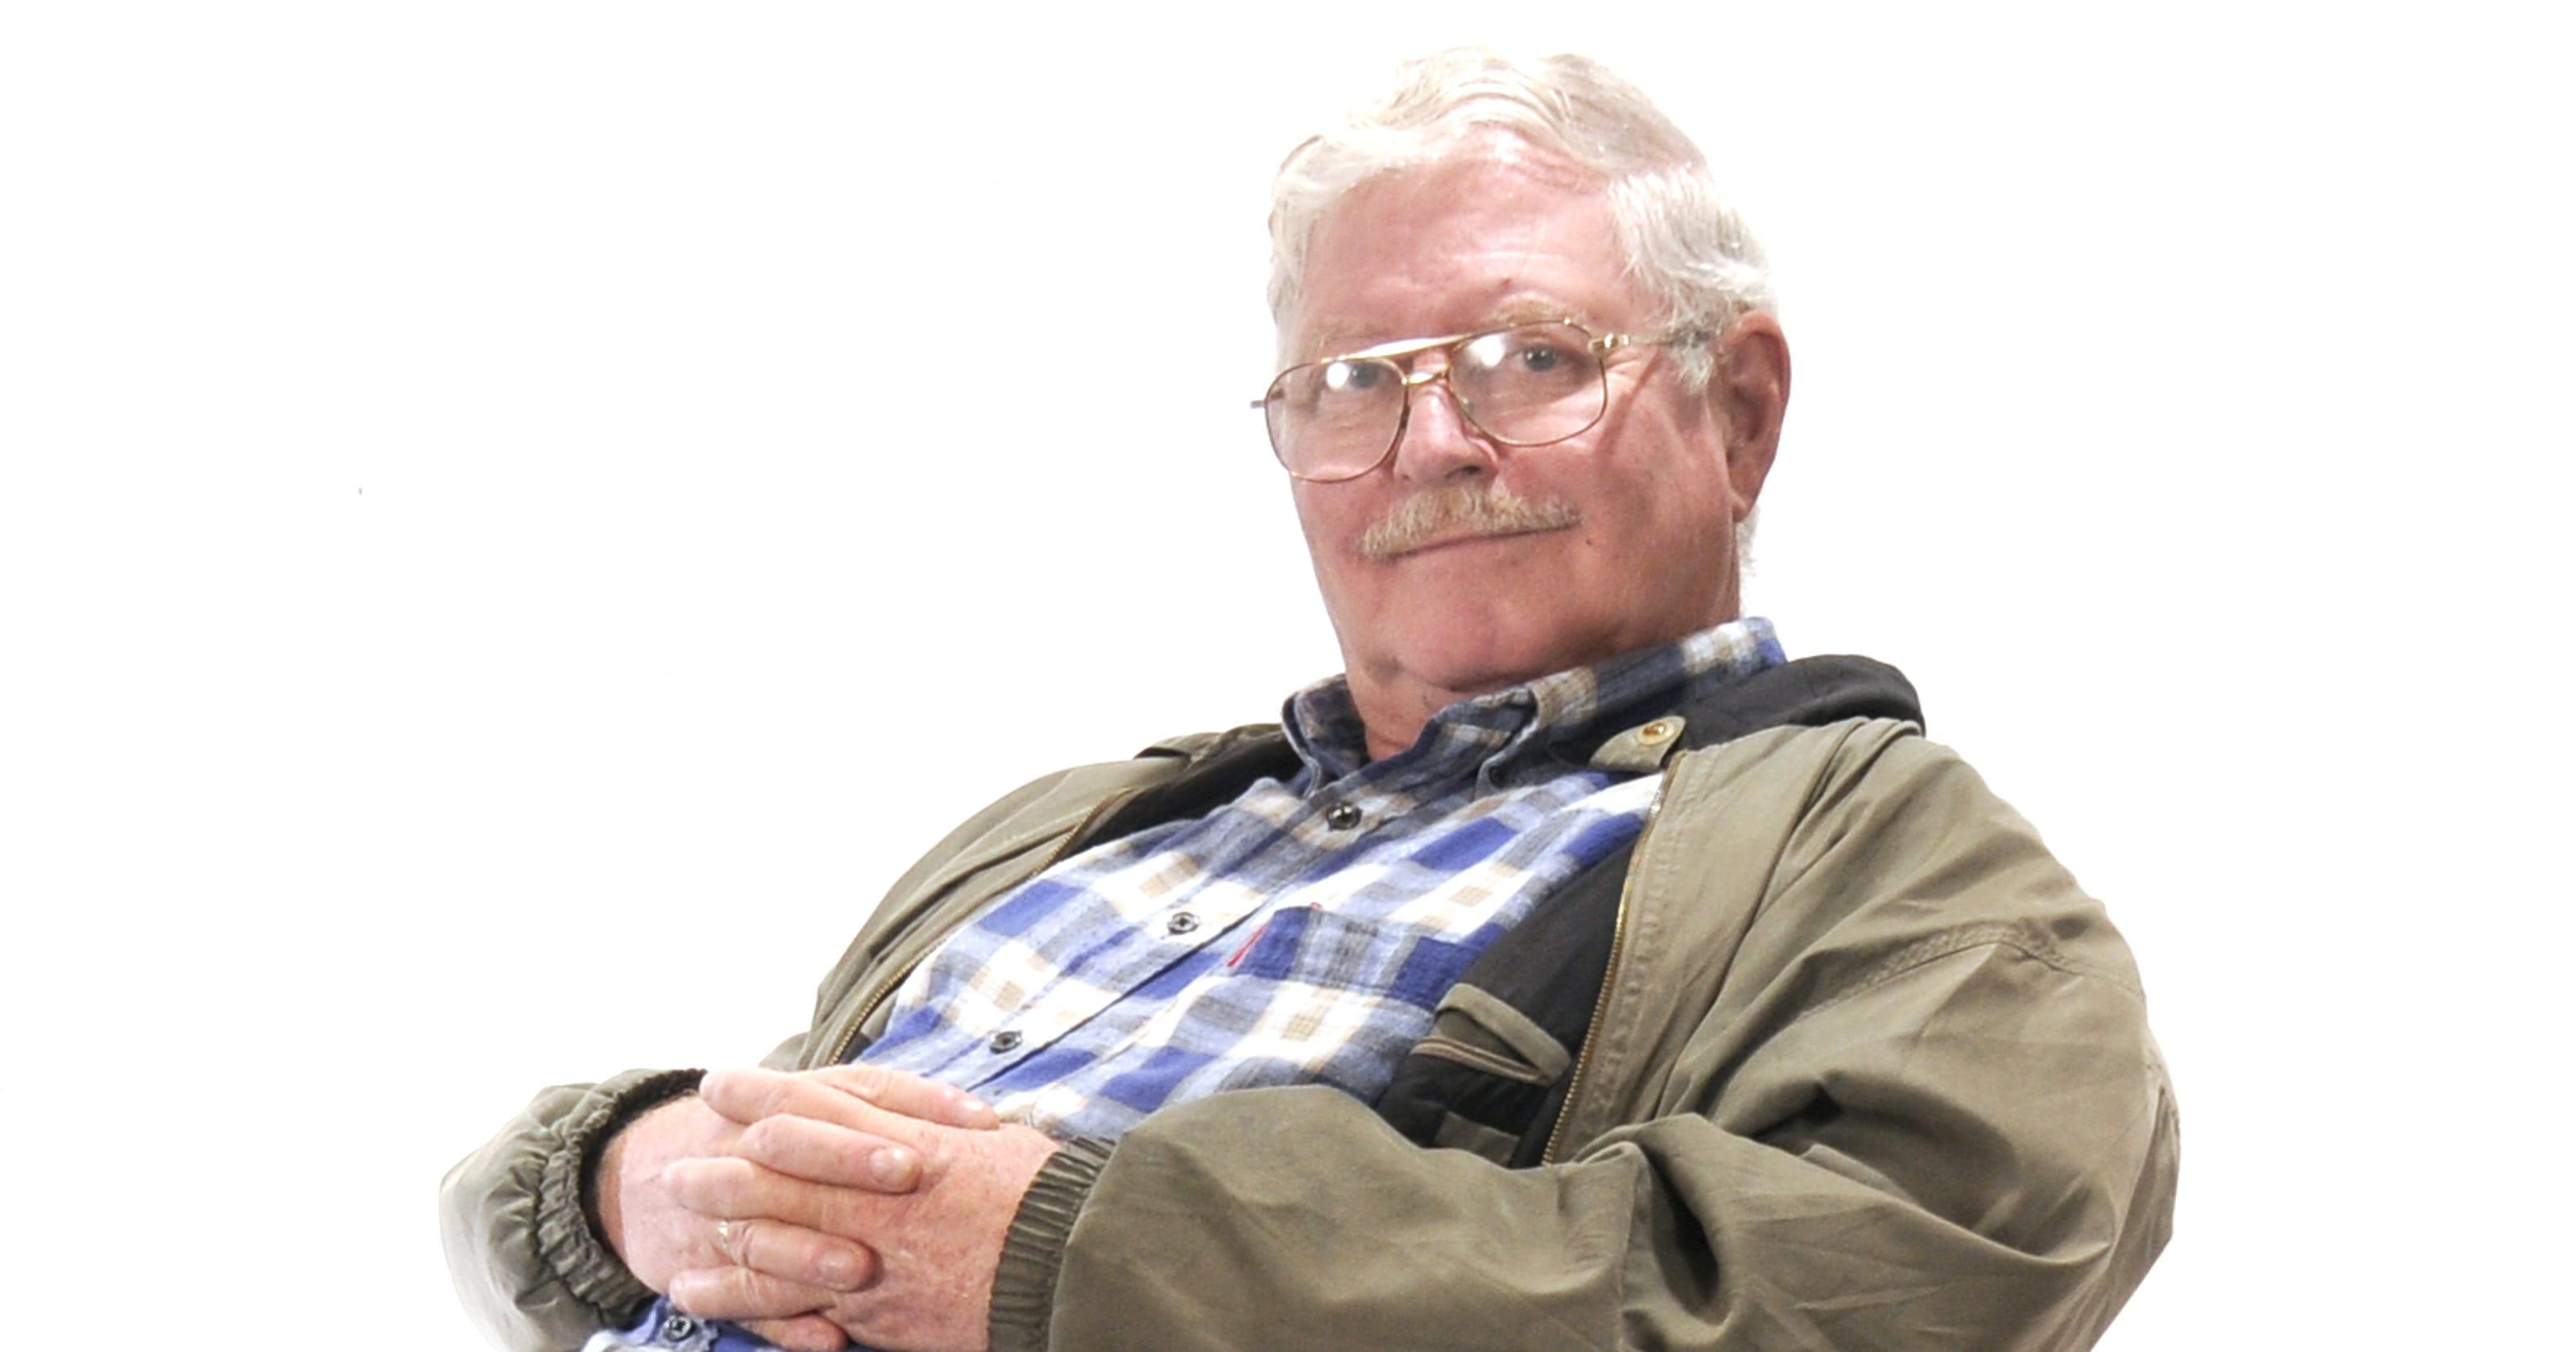 Tom Brennan: Mansfield has lost its great storyteller